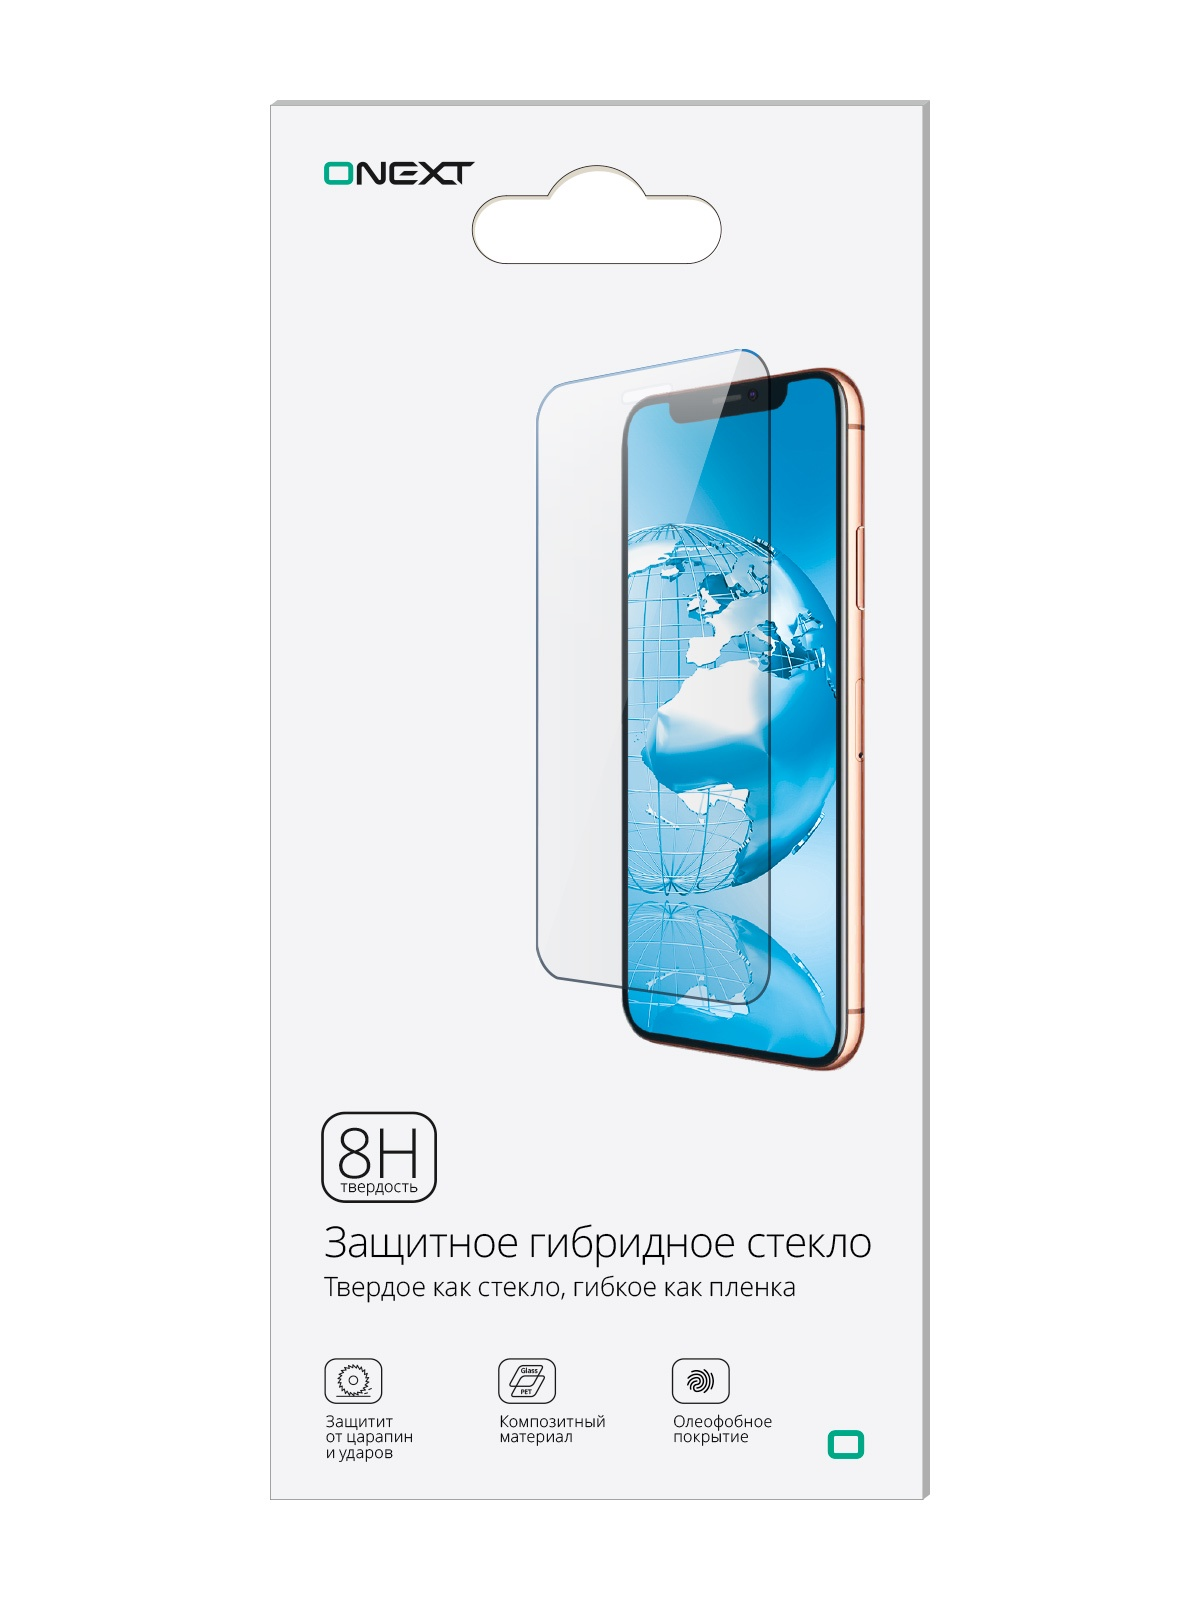 Защитное стекло ONEXT Huawei Honor 10 стекло защитное стекло для honor 10 onext 3d на весь экран с черной рамкой